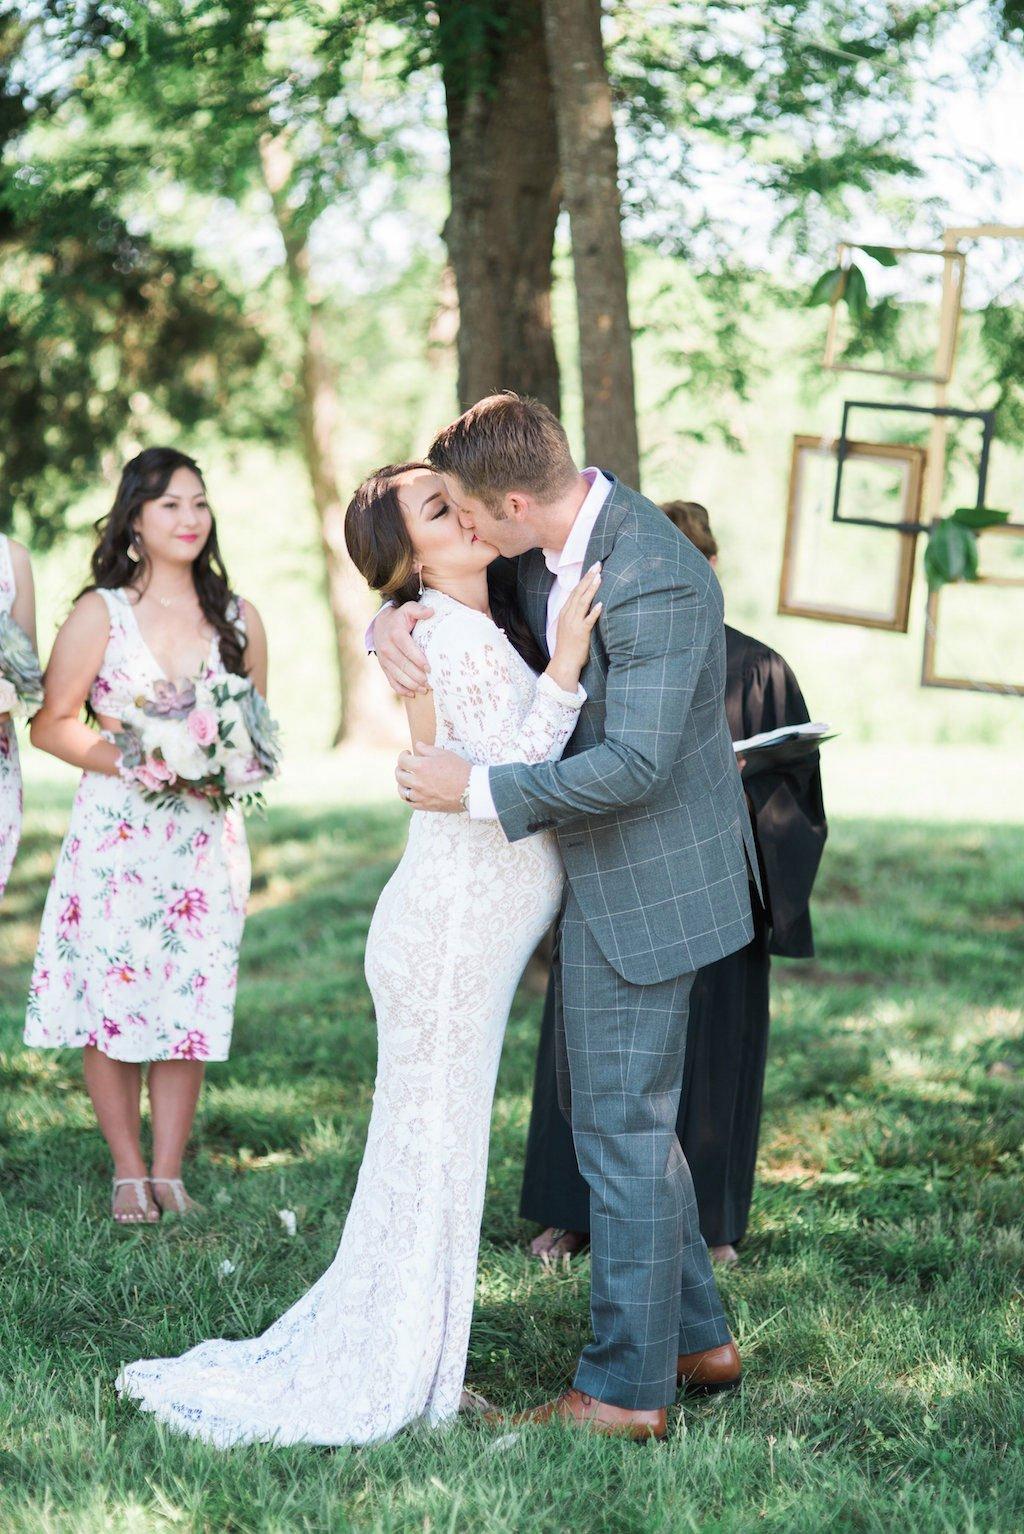 9-23-16-gallagher-farm-rustic-pink-wedding-9